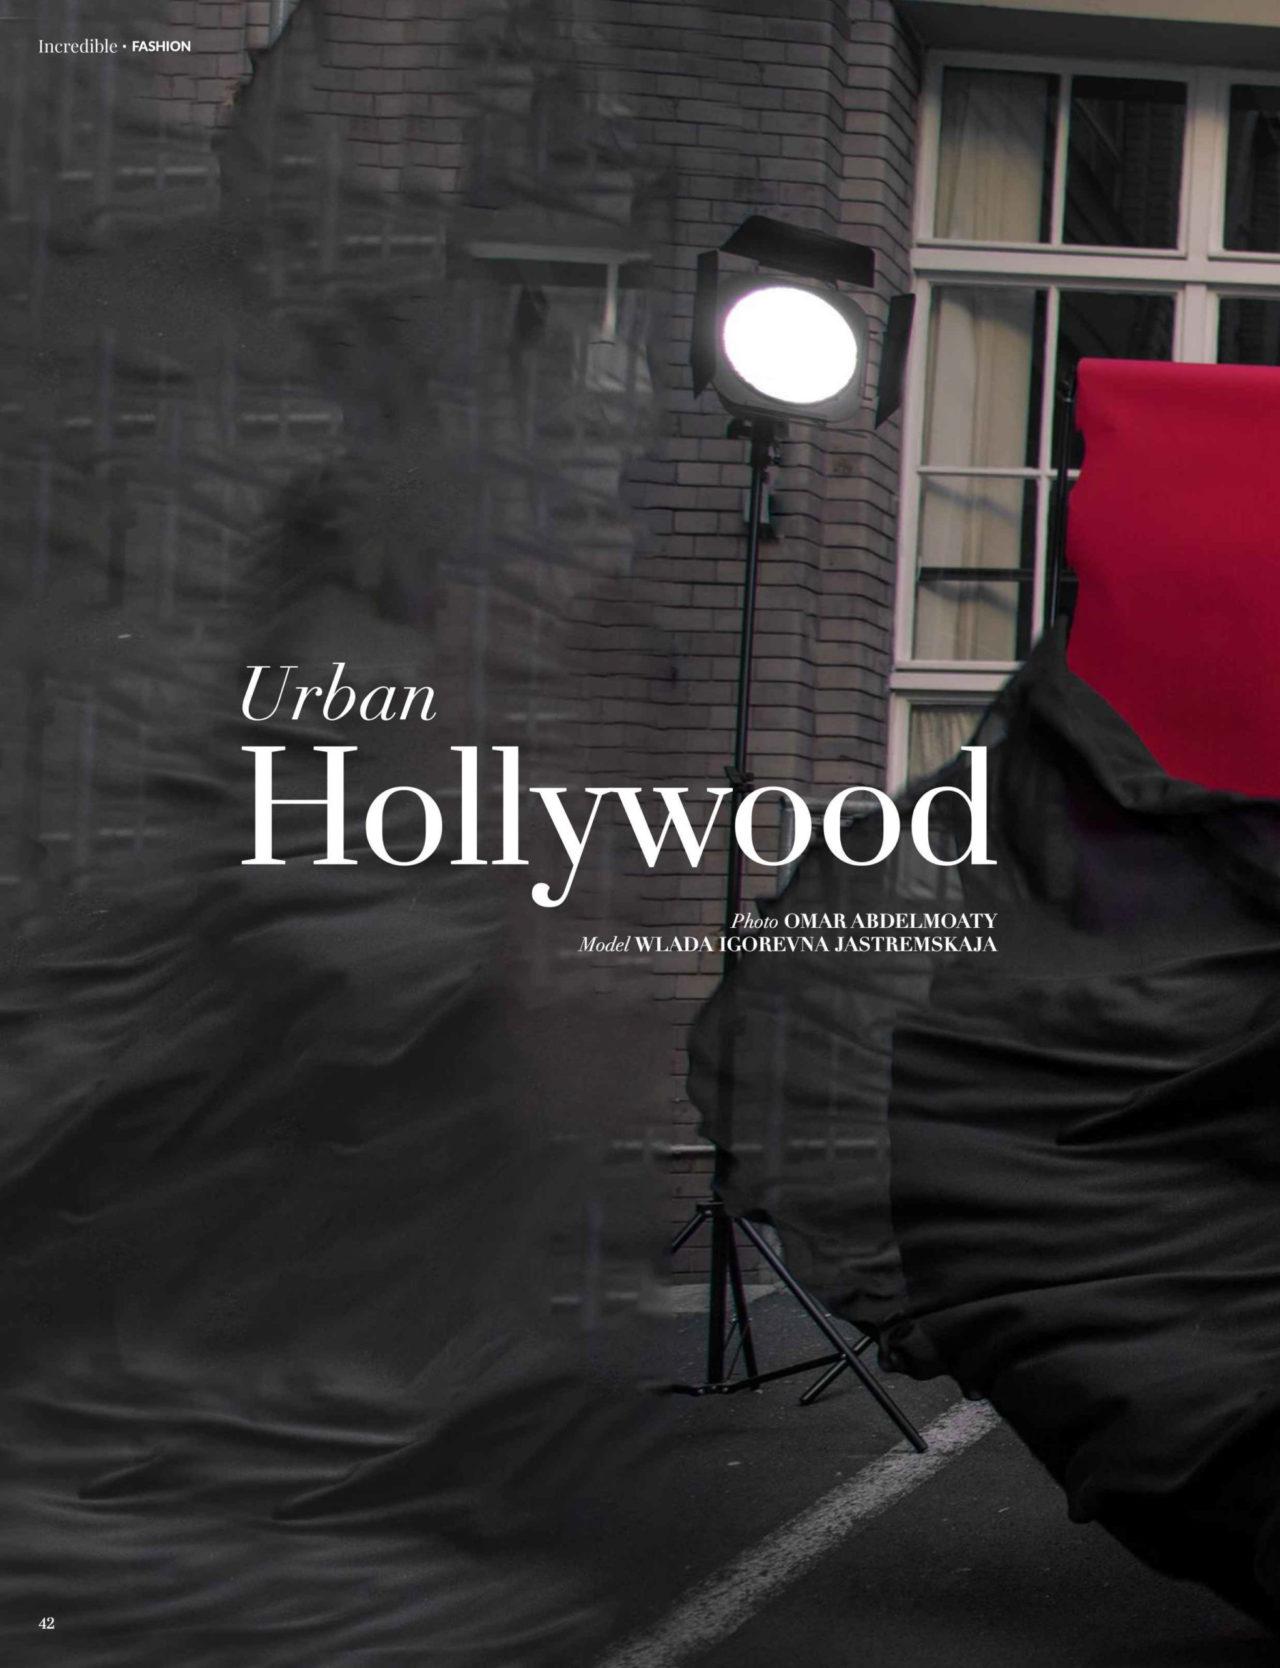 Urban Hollywood